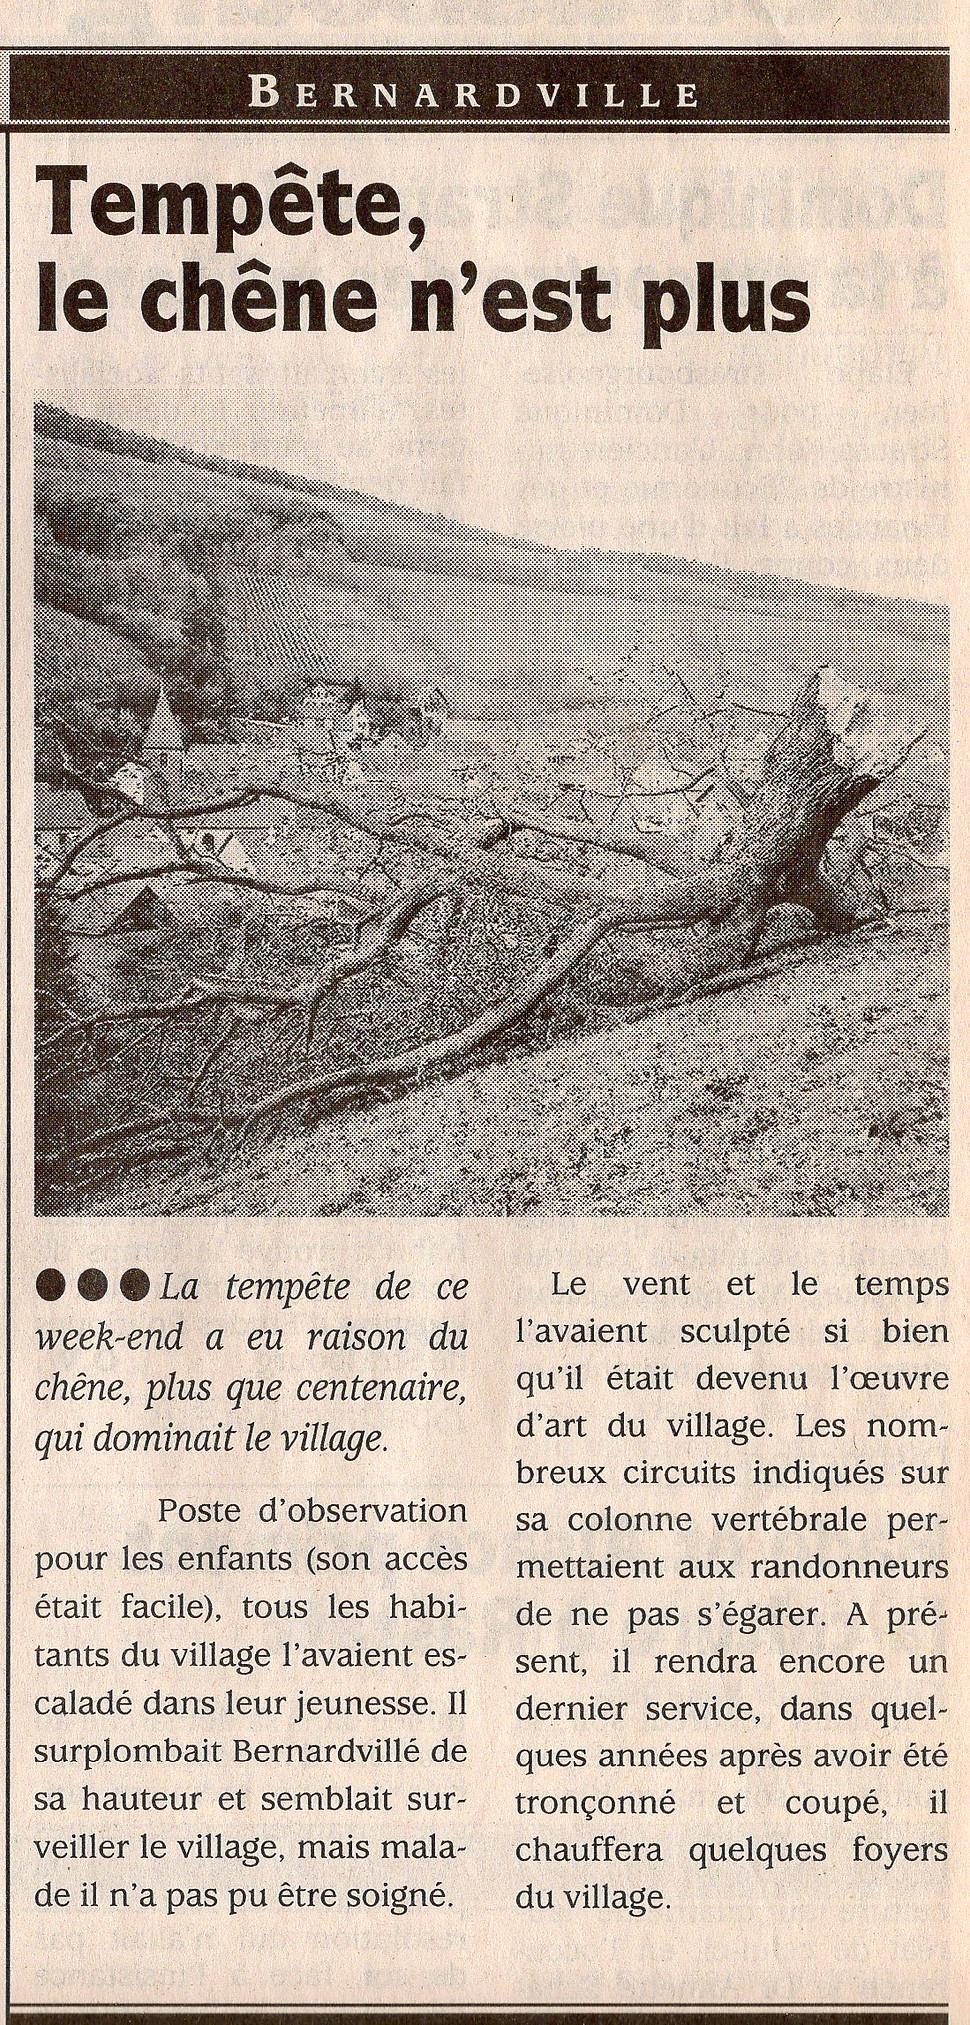 Le chêne n'est plus 2002 Bernardvillé (C